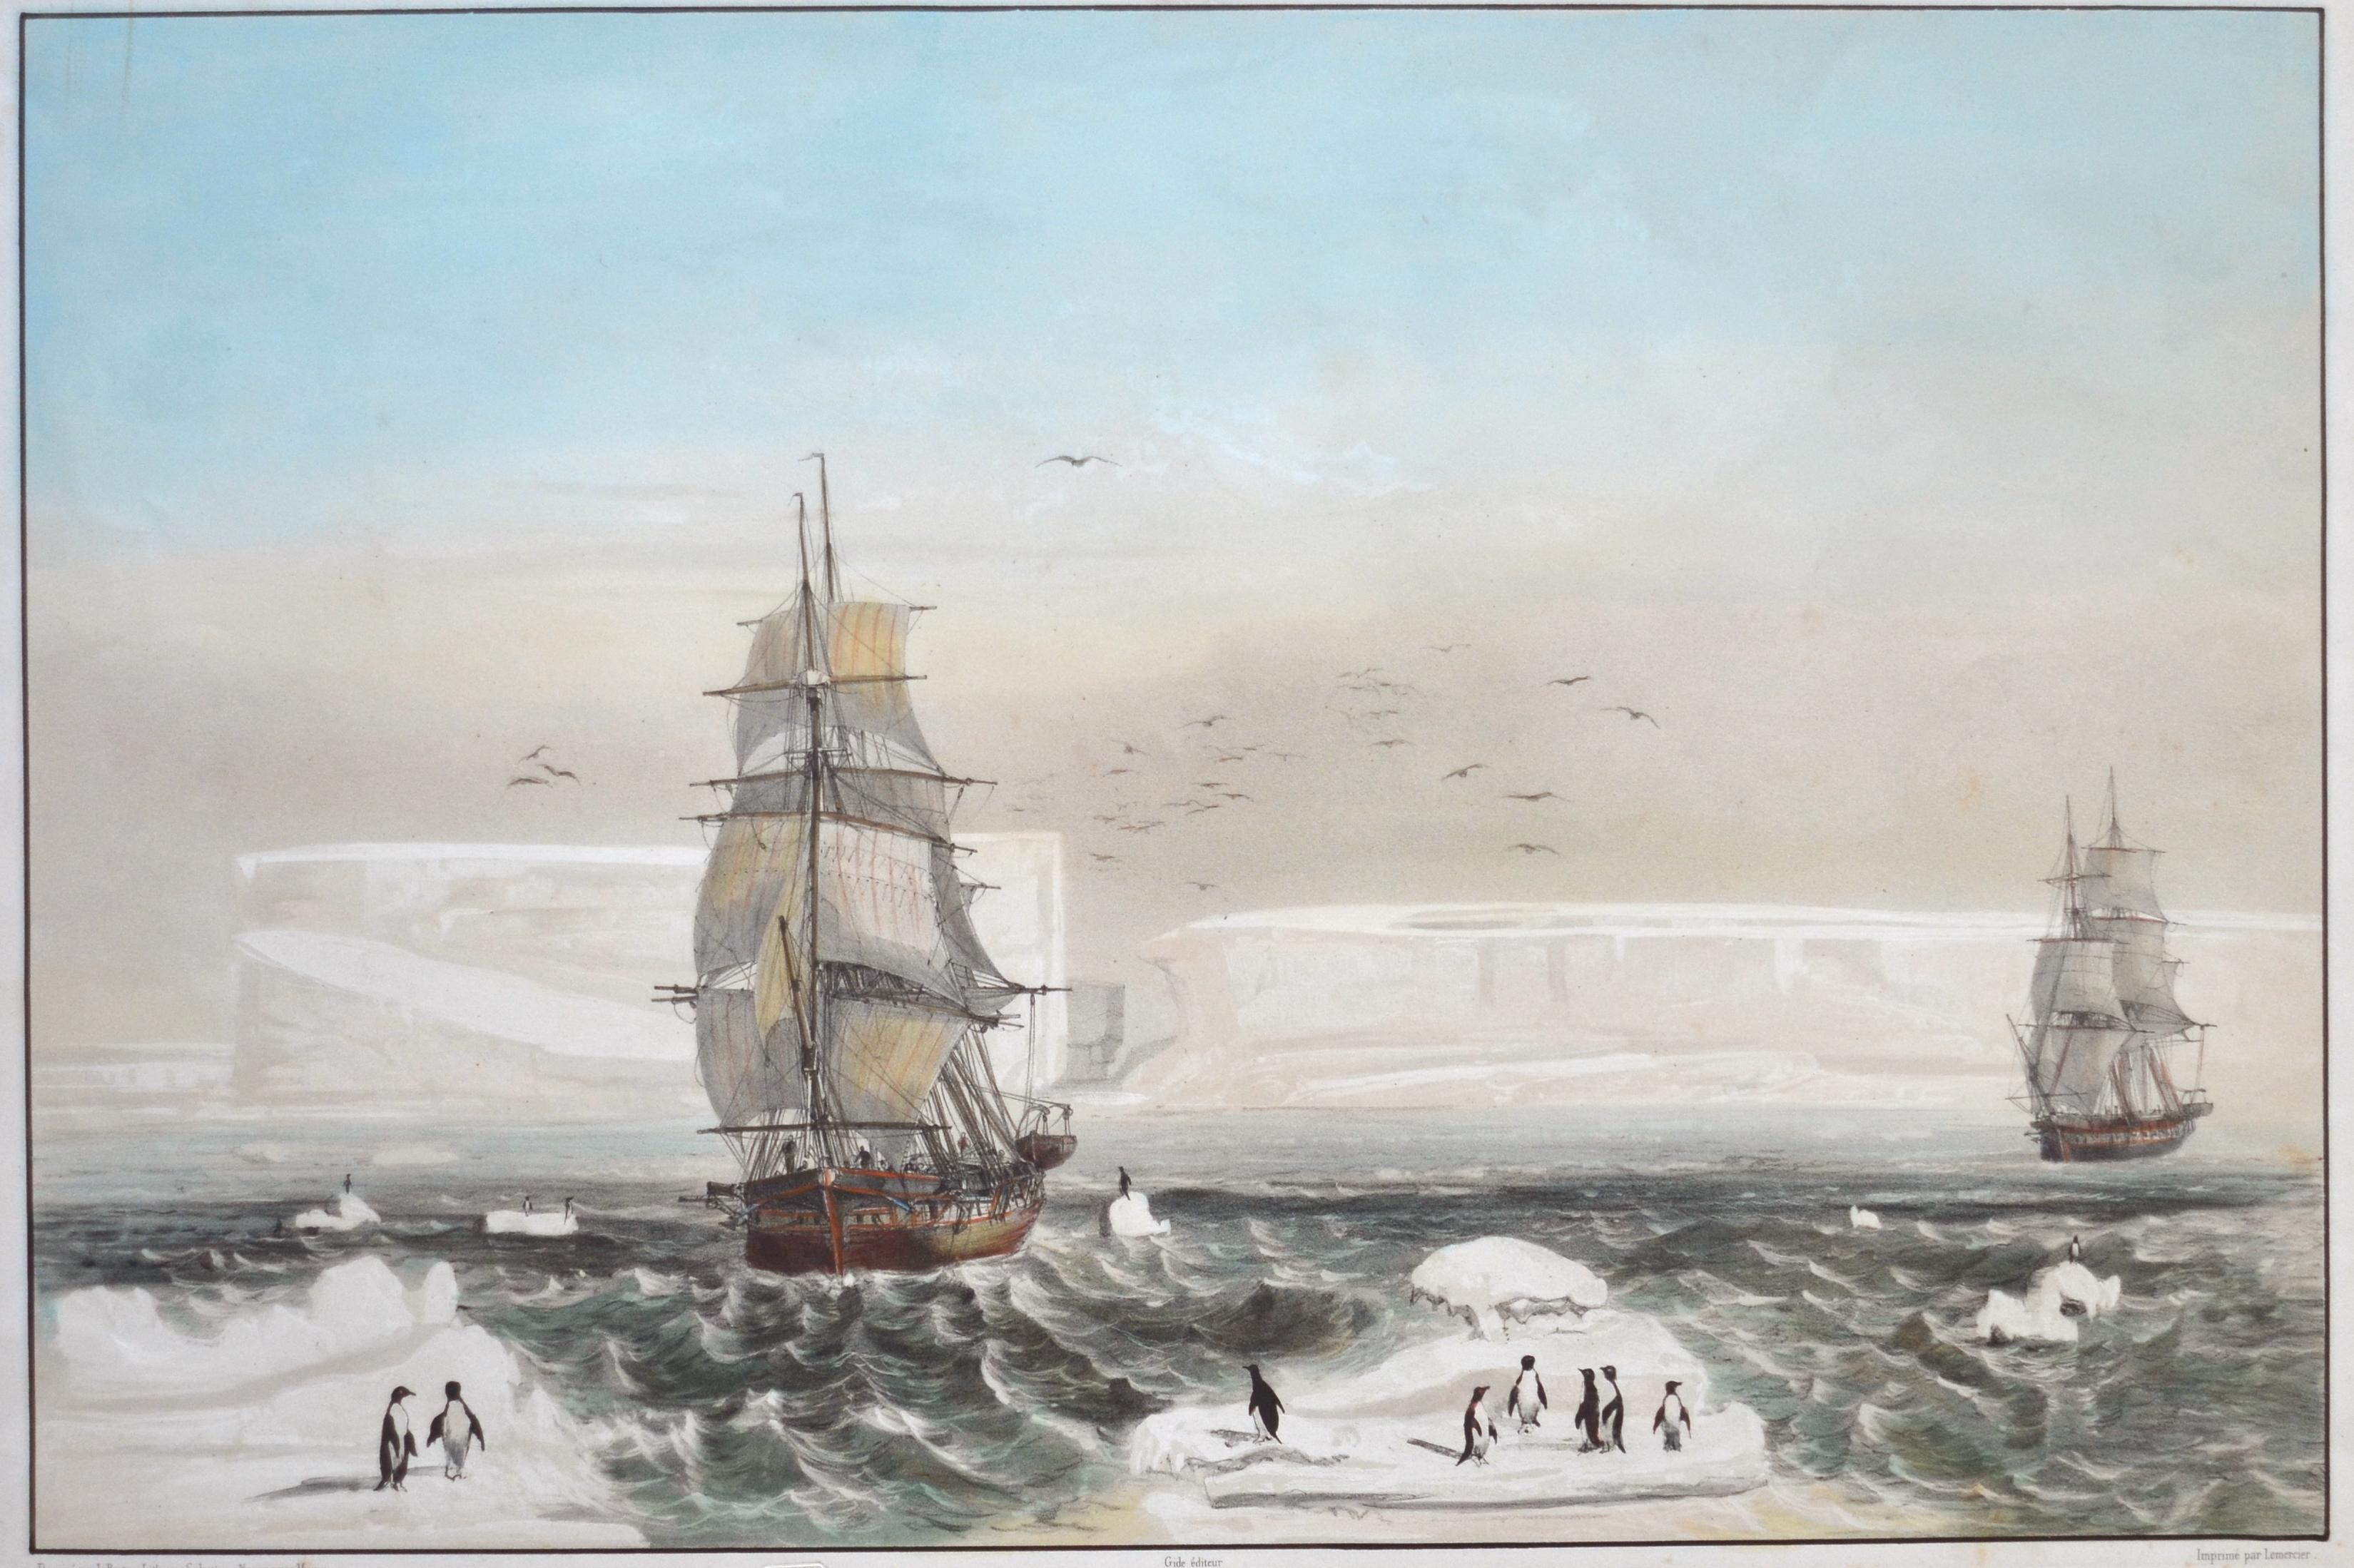 Lemercier Rose Reconnaissance de la Terre Adélie, le 20 Janvier 1840.